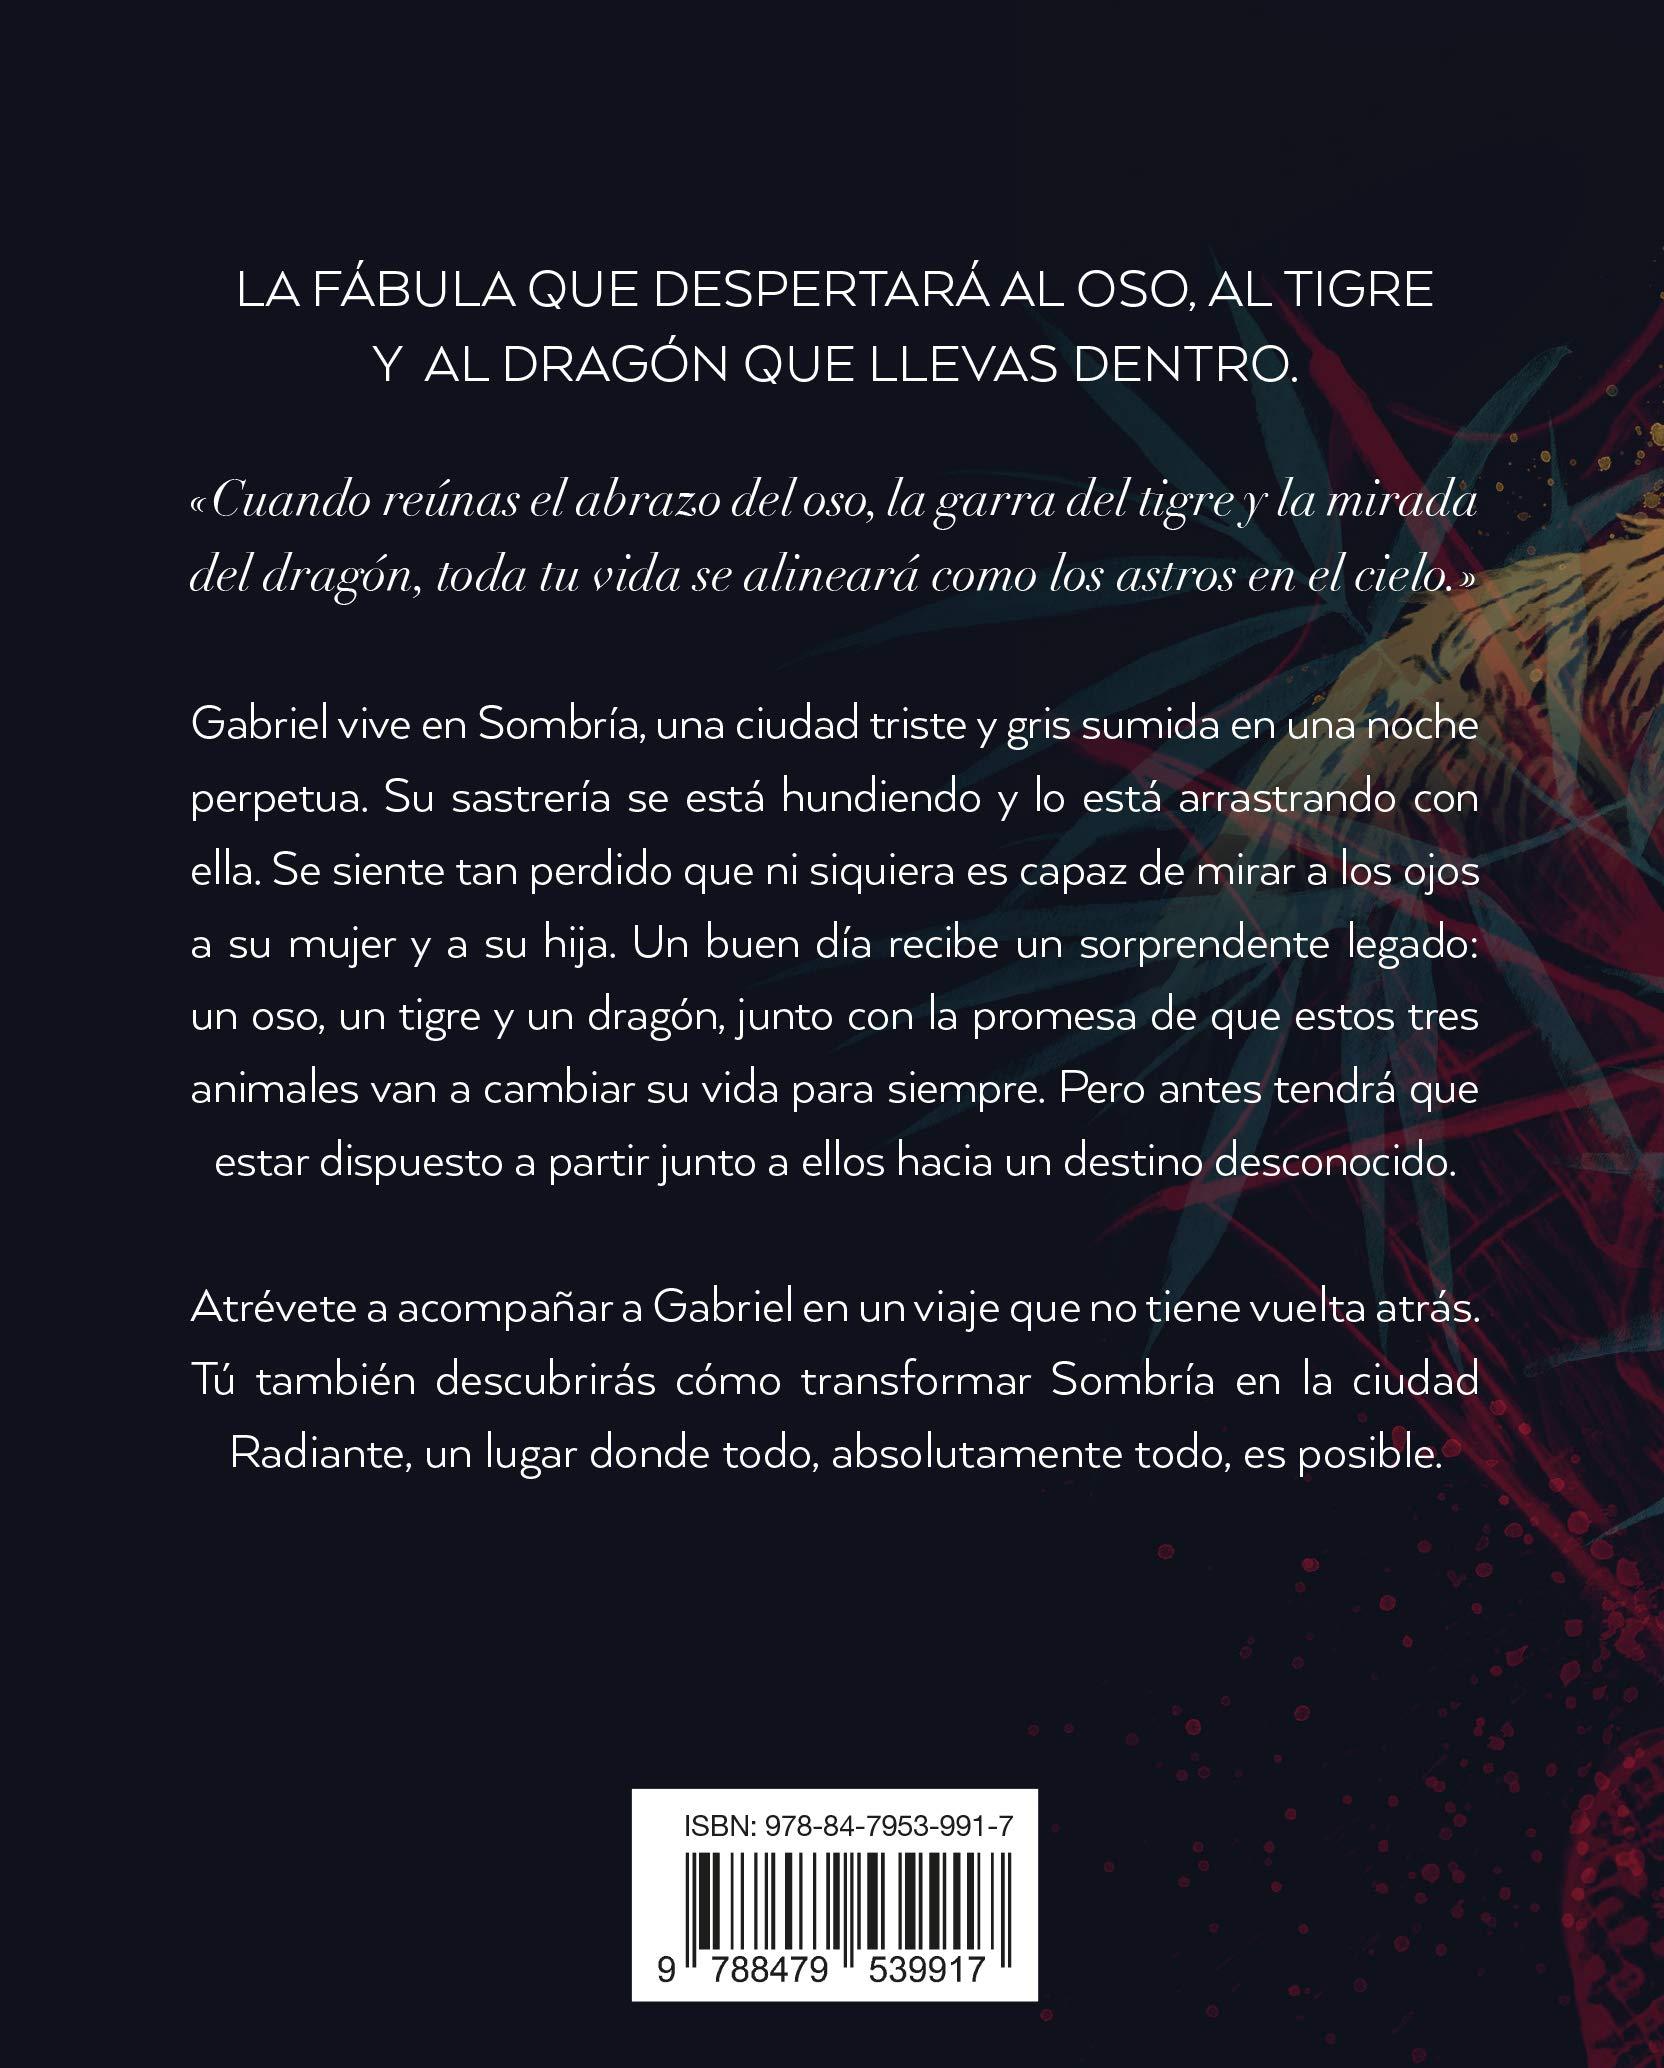 El oso, el tigre y el dragón (Relatos): Amazon.es: ANDRÉS PASCUAL, ECEQUIEL  BARRICART: Libros